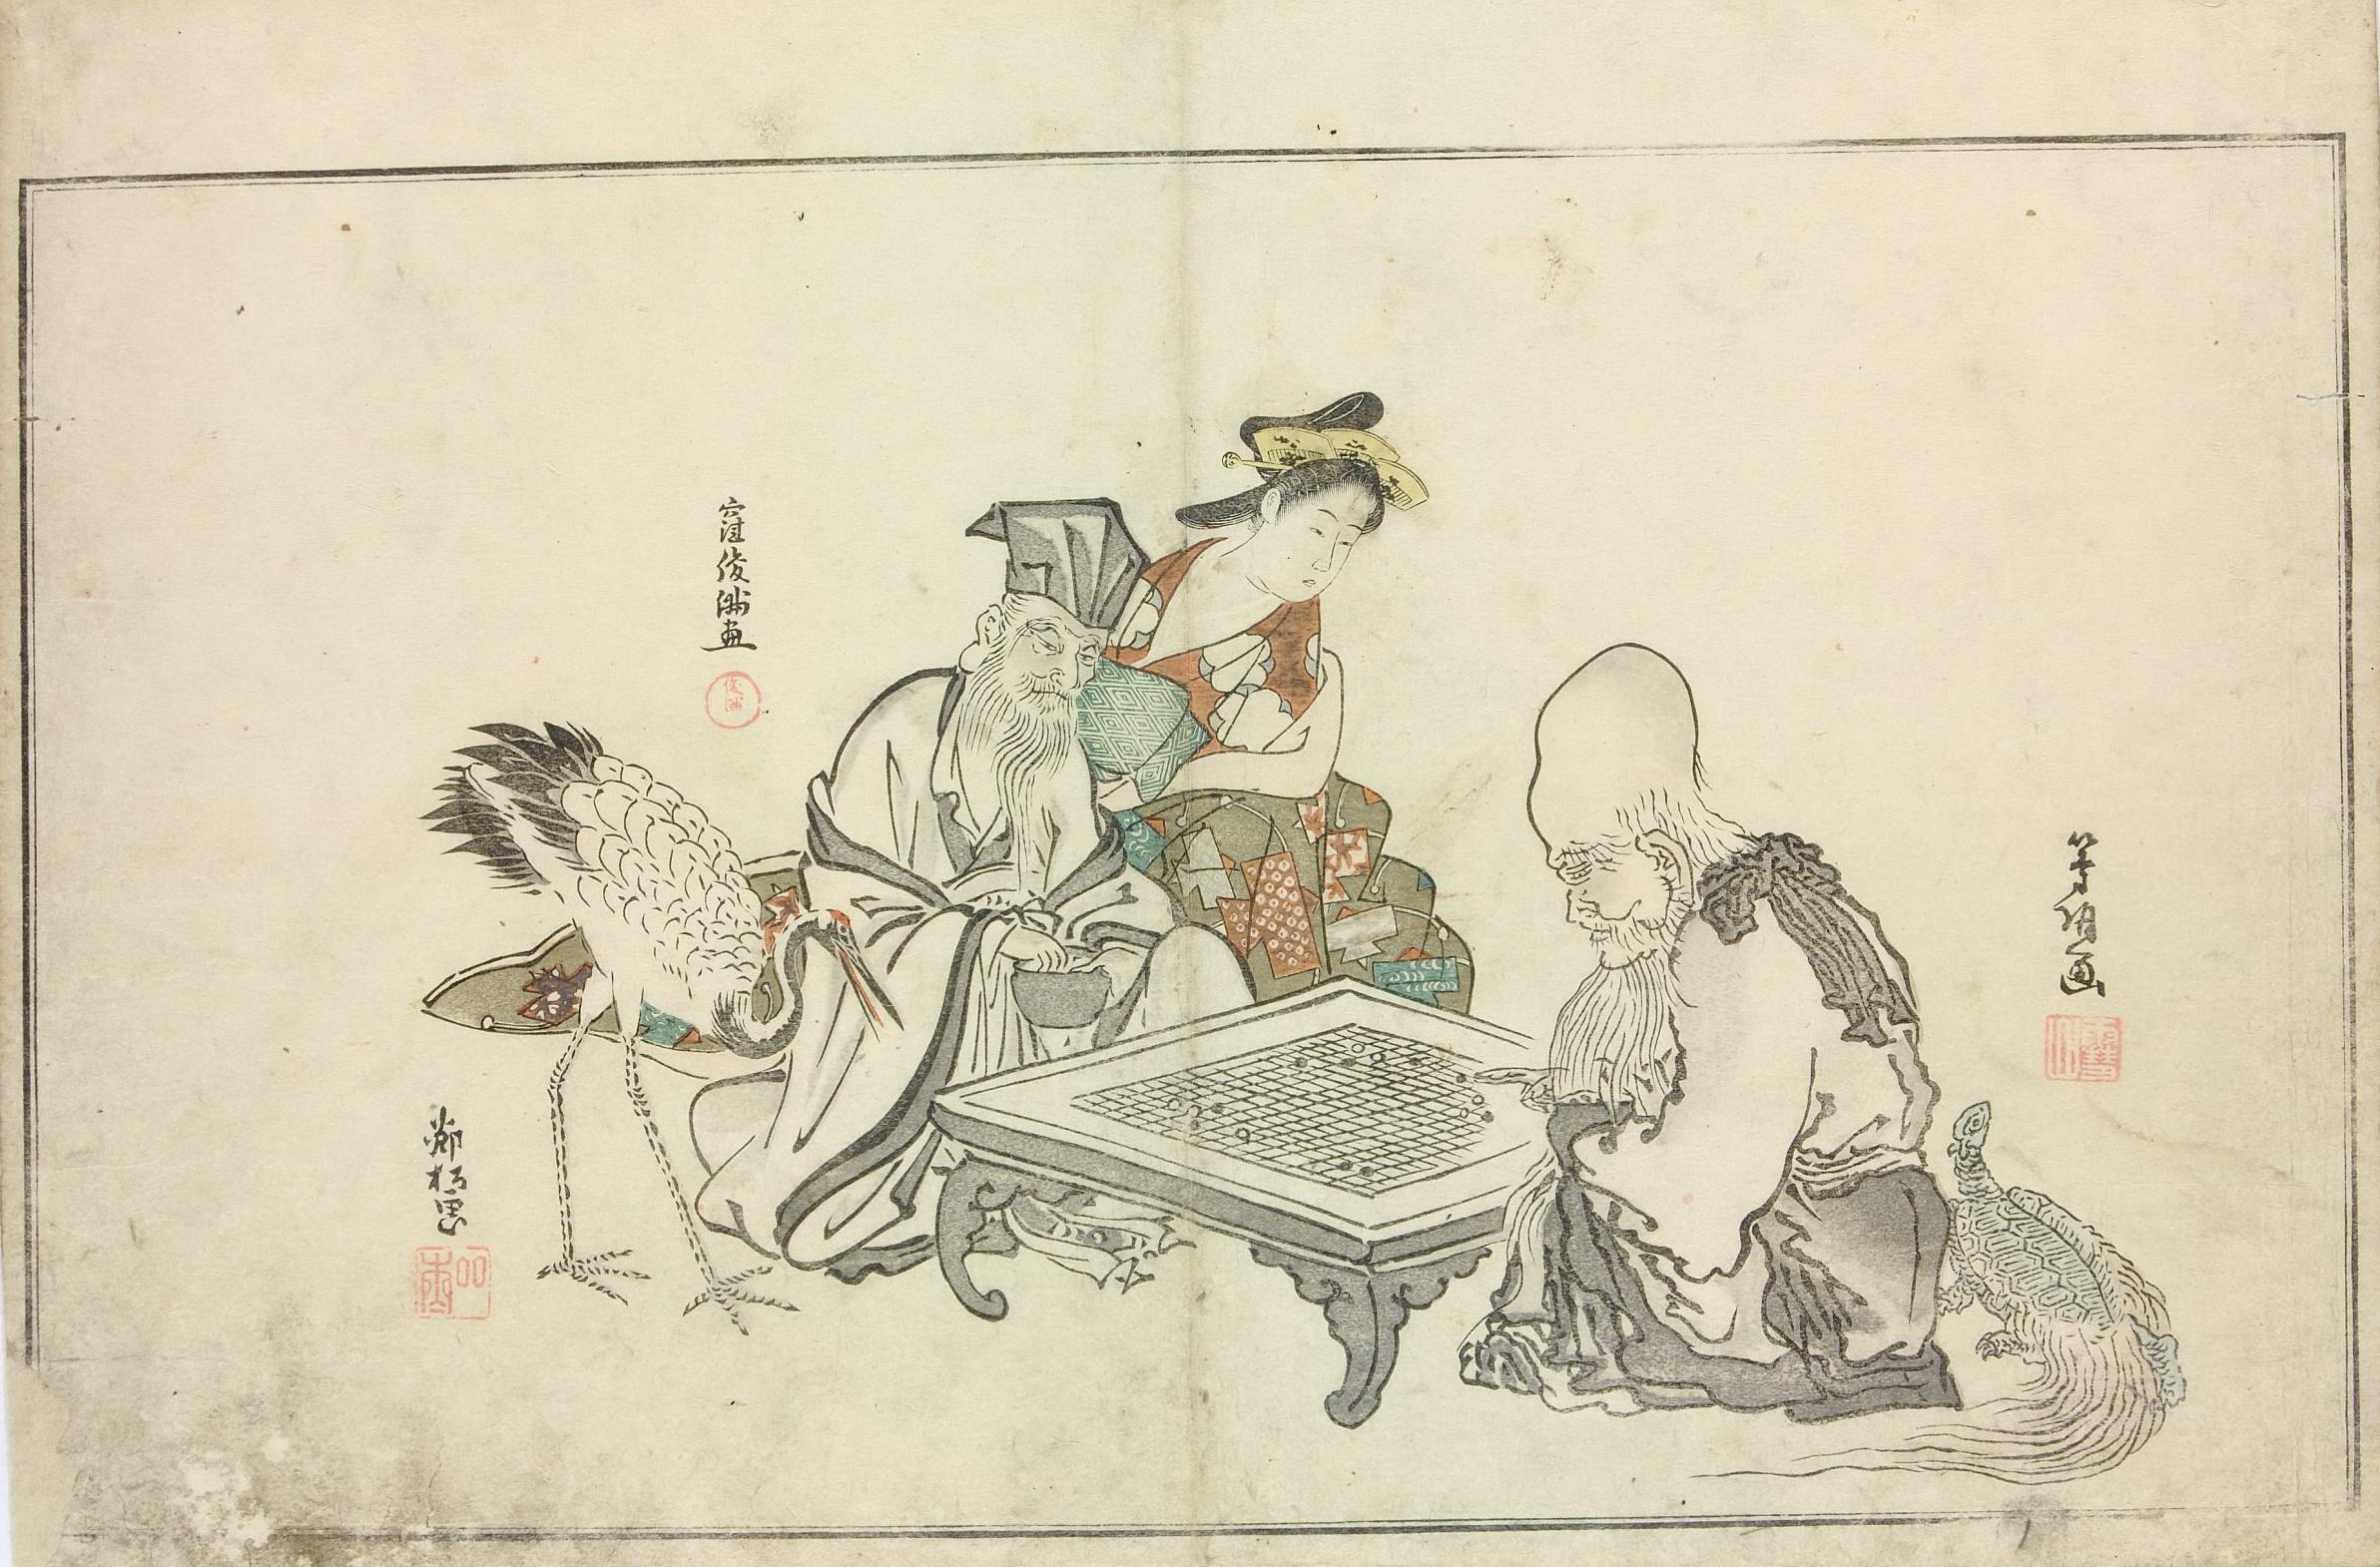 Женщина наблюдает за игрой в го Юродзина (с журавлем) и Фукурокудзе (с черепахой)_1795_256х377 мм